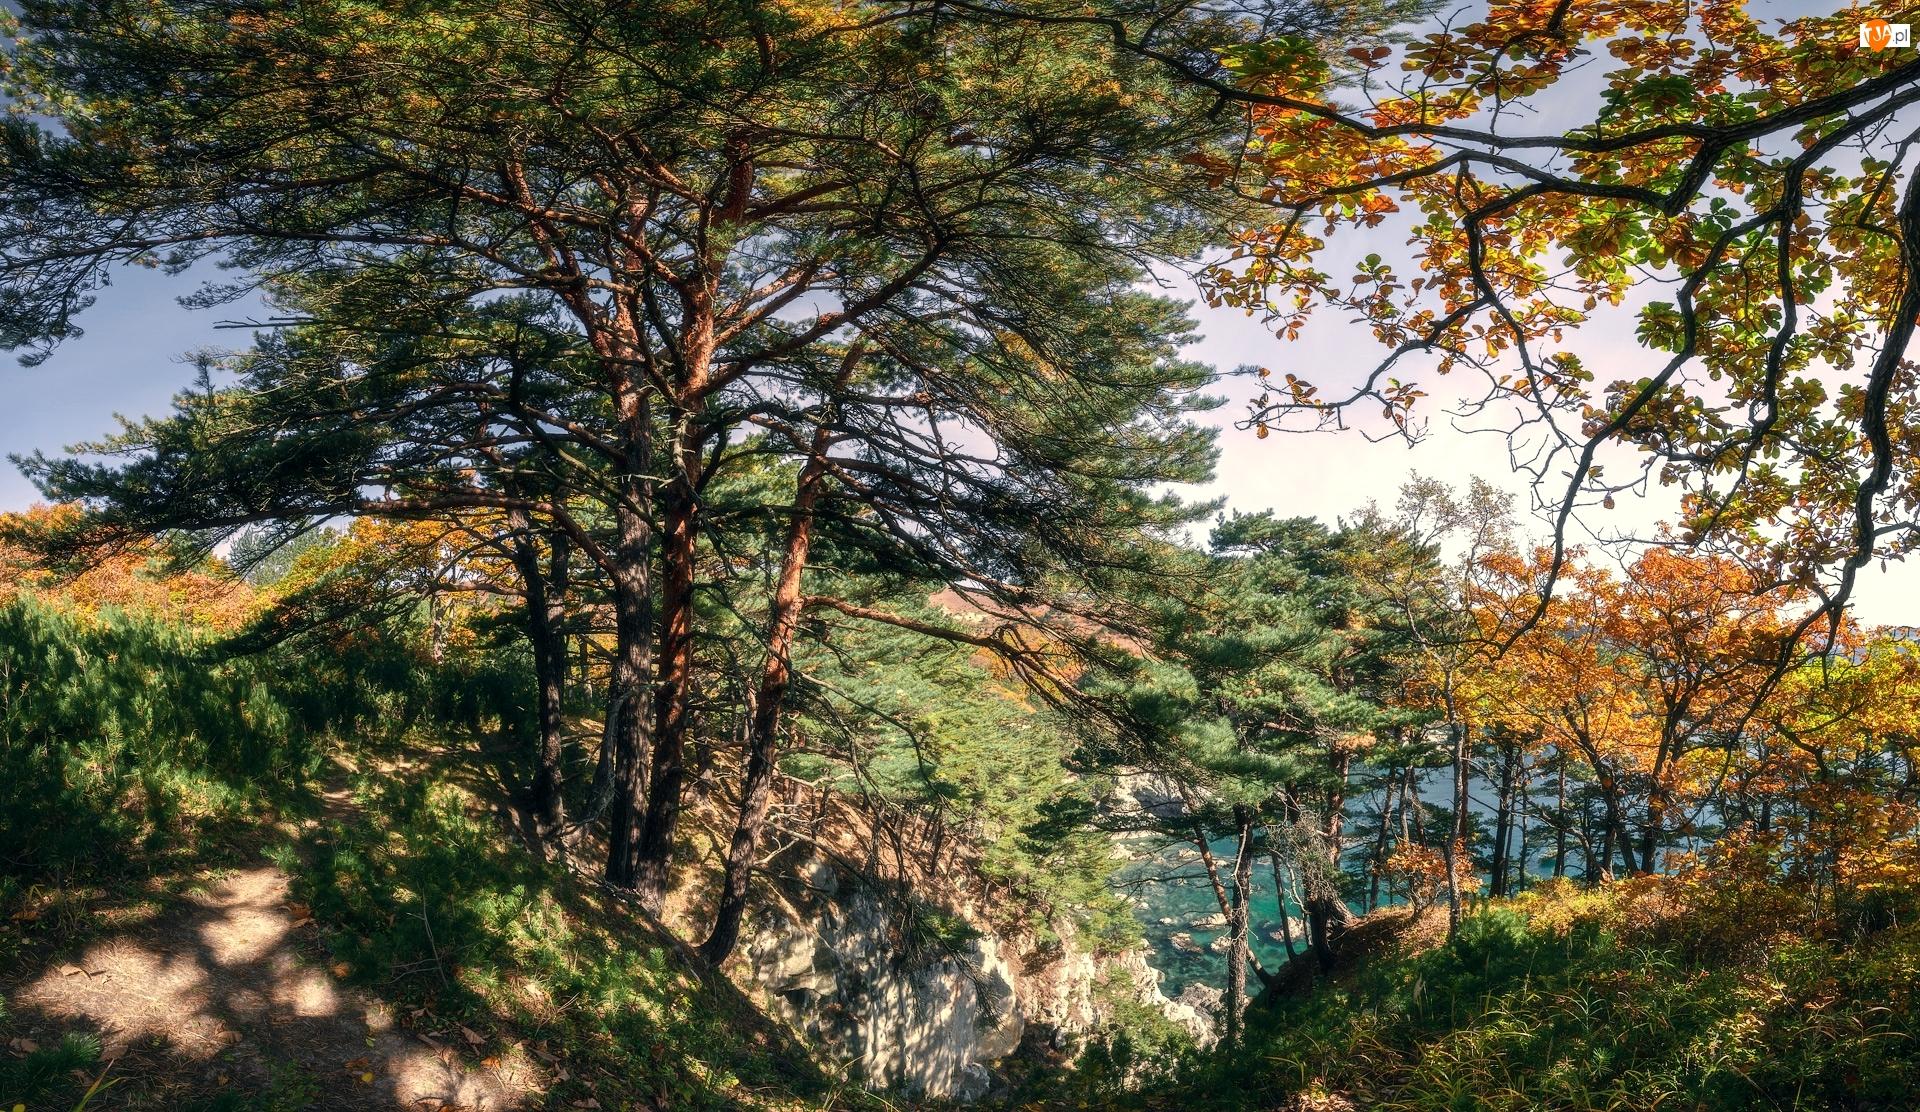 Wzgórze, Skały, Drzewa